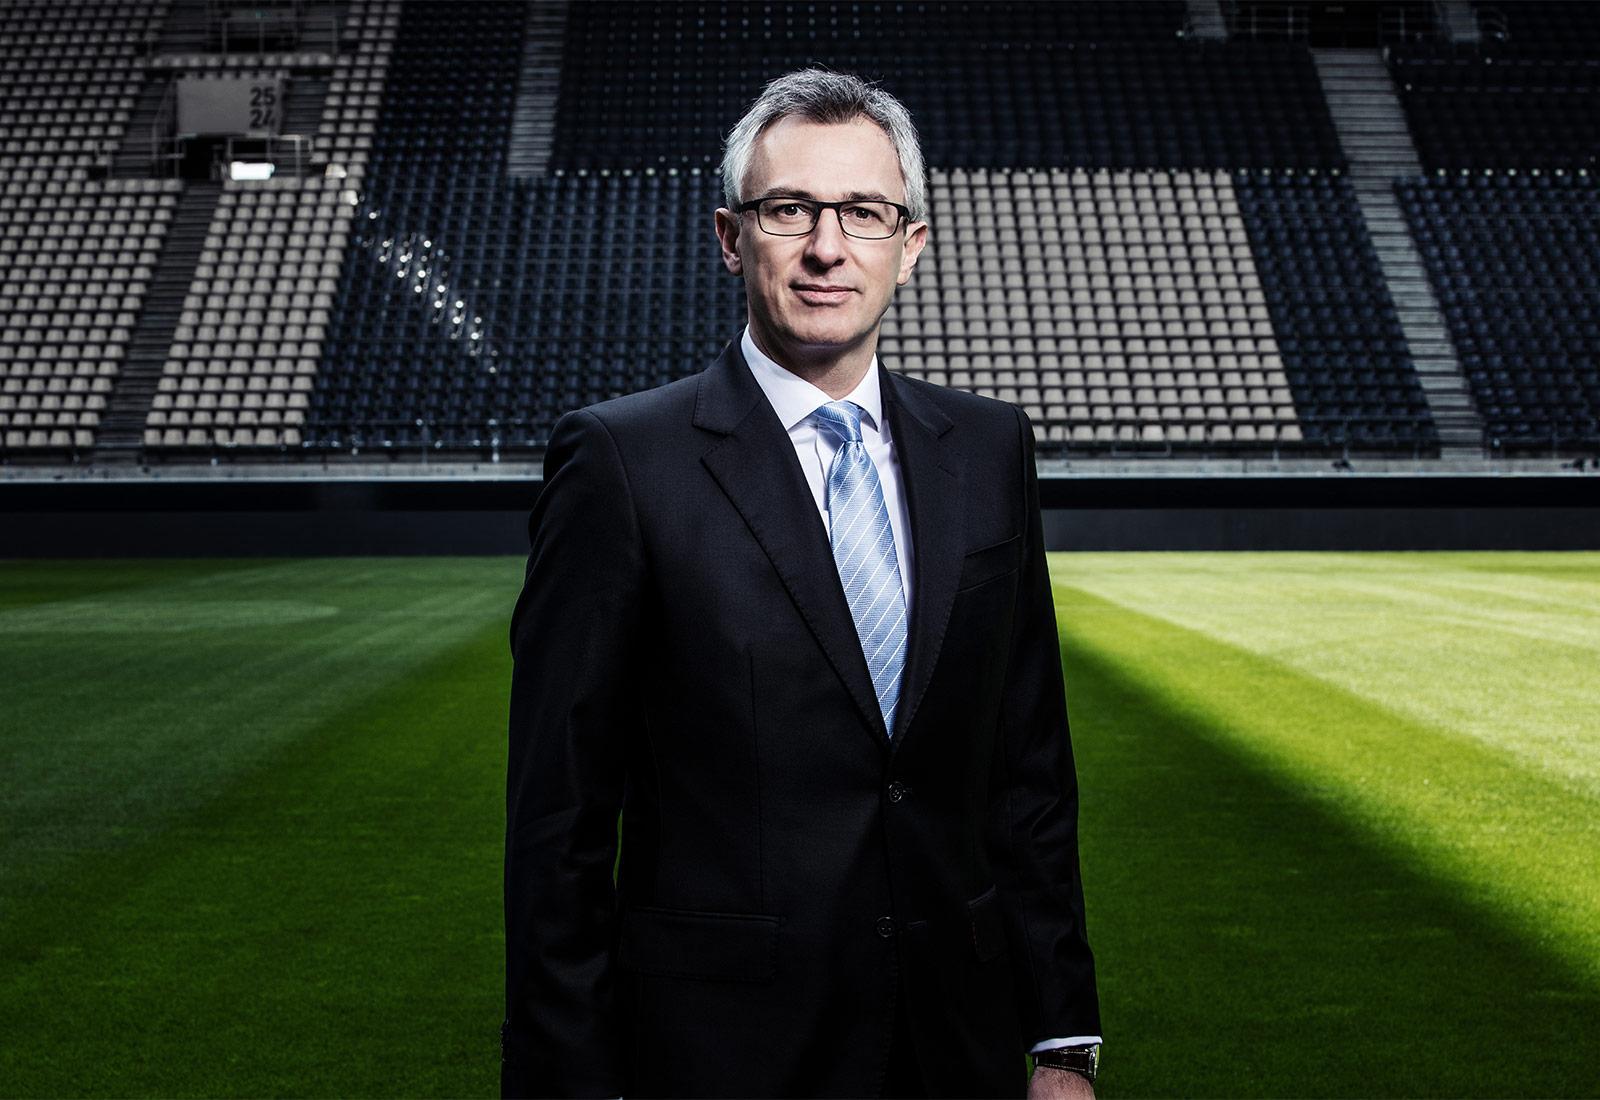 Thorsten Mätzig